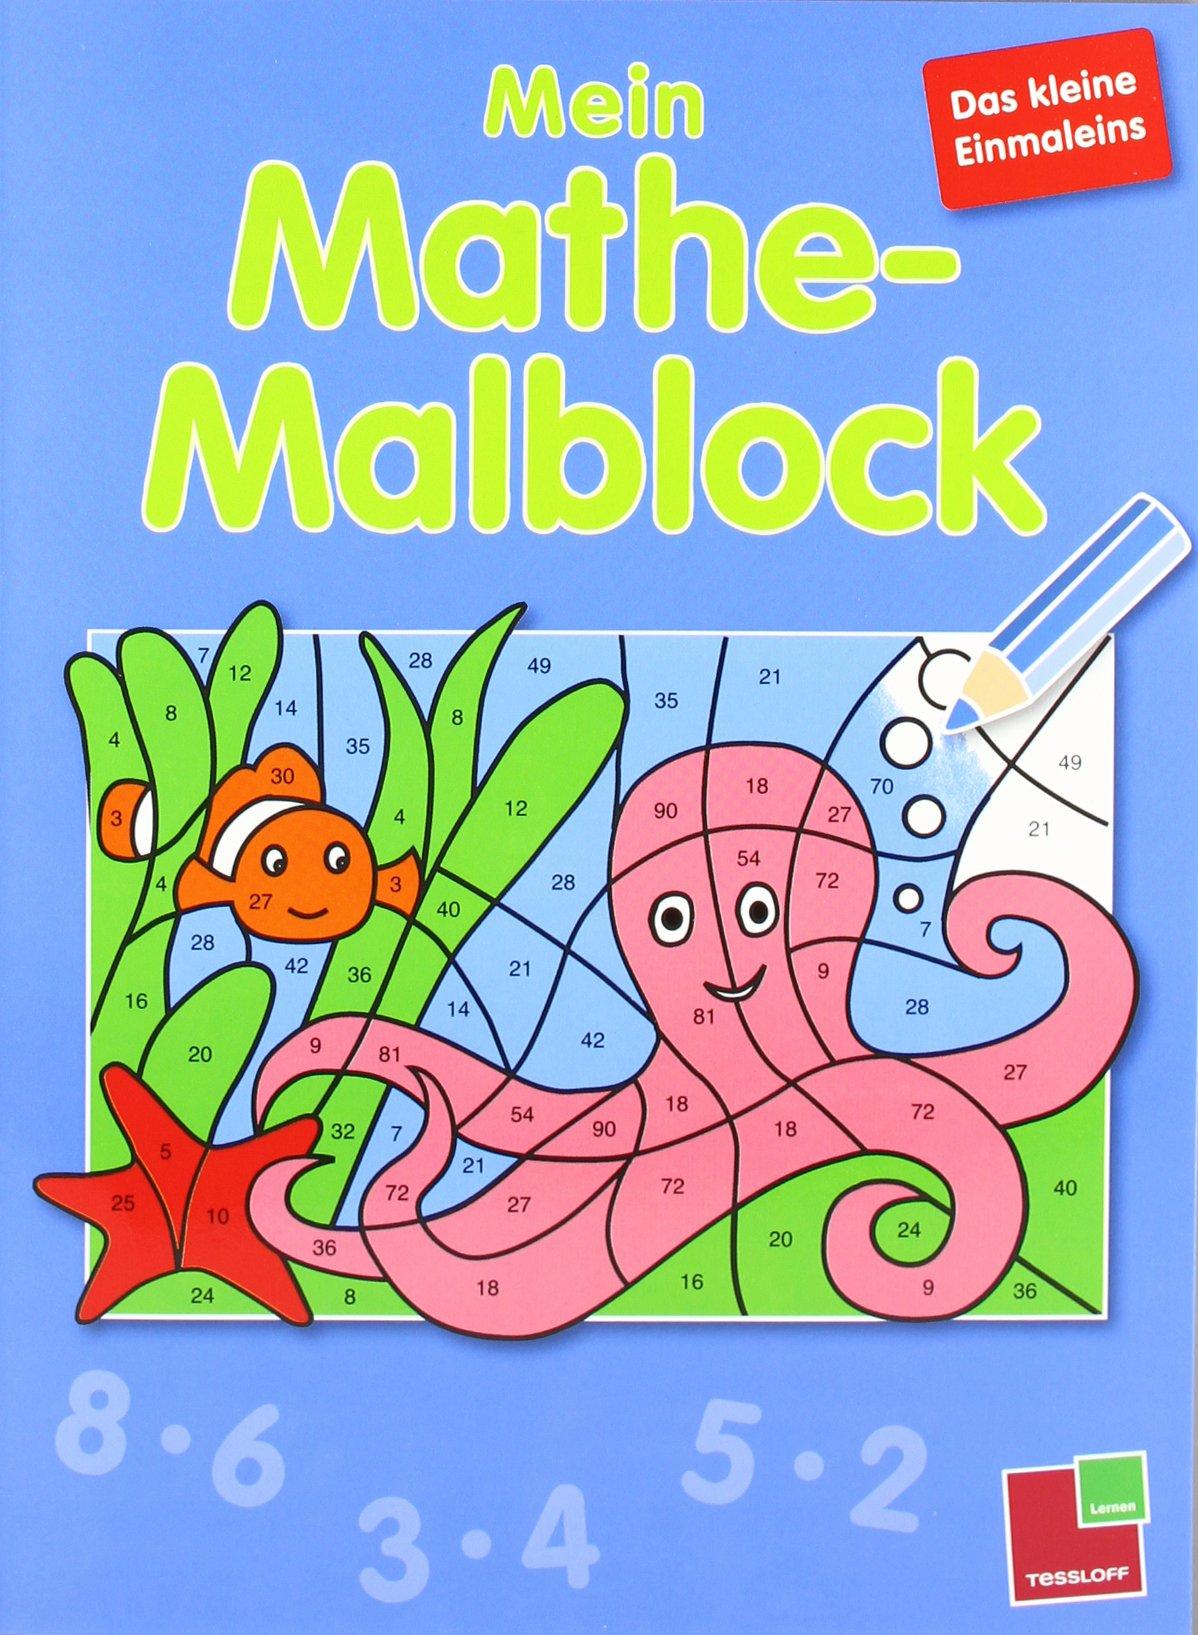 Mein Mathe-Malblock Das kleine Einmaleins: 24 Bilder zum Ausmalen, heraustrennbare Seiten (Grundschule)